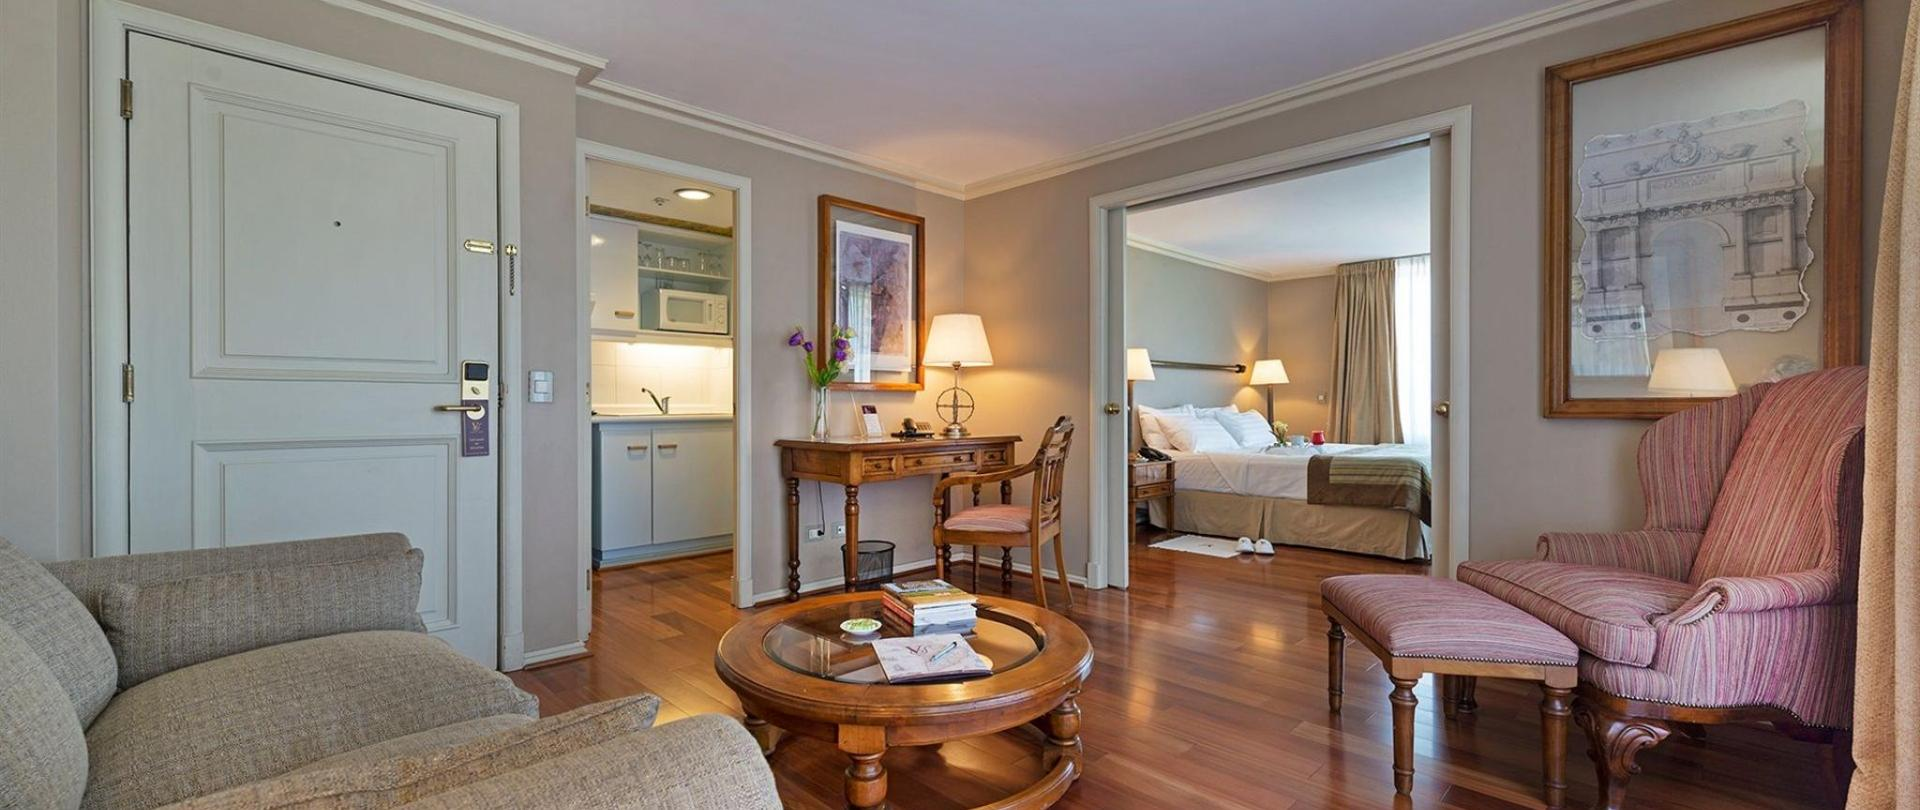 Hotel Vespucci Suites